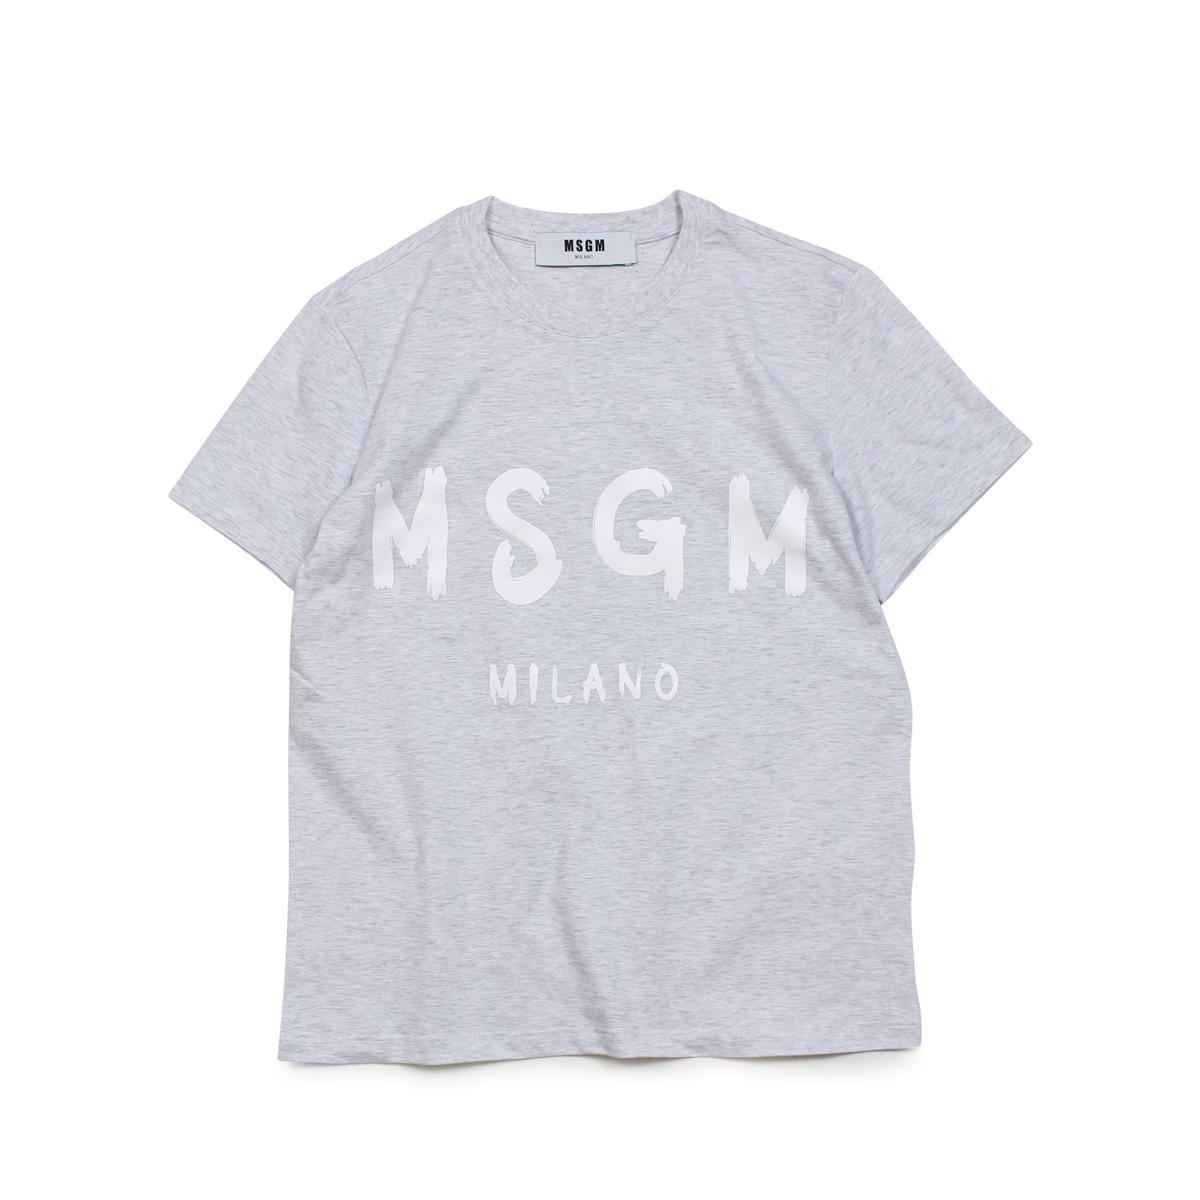 MSGM NEW RUBBED LOGO T-SHIRTS エムエスジーエム Tシャツ 半袖 レディース グレー MDM60 94